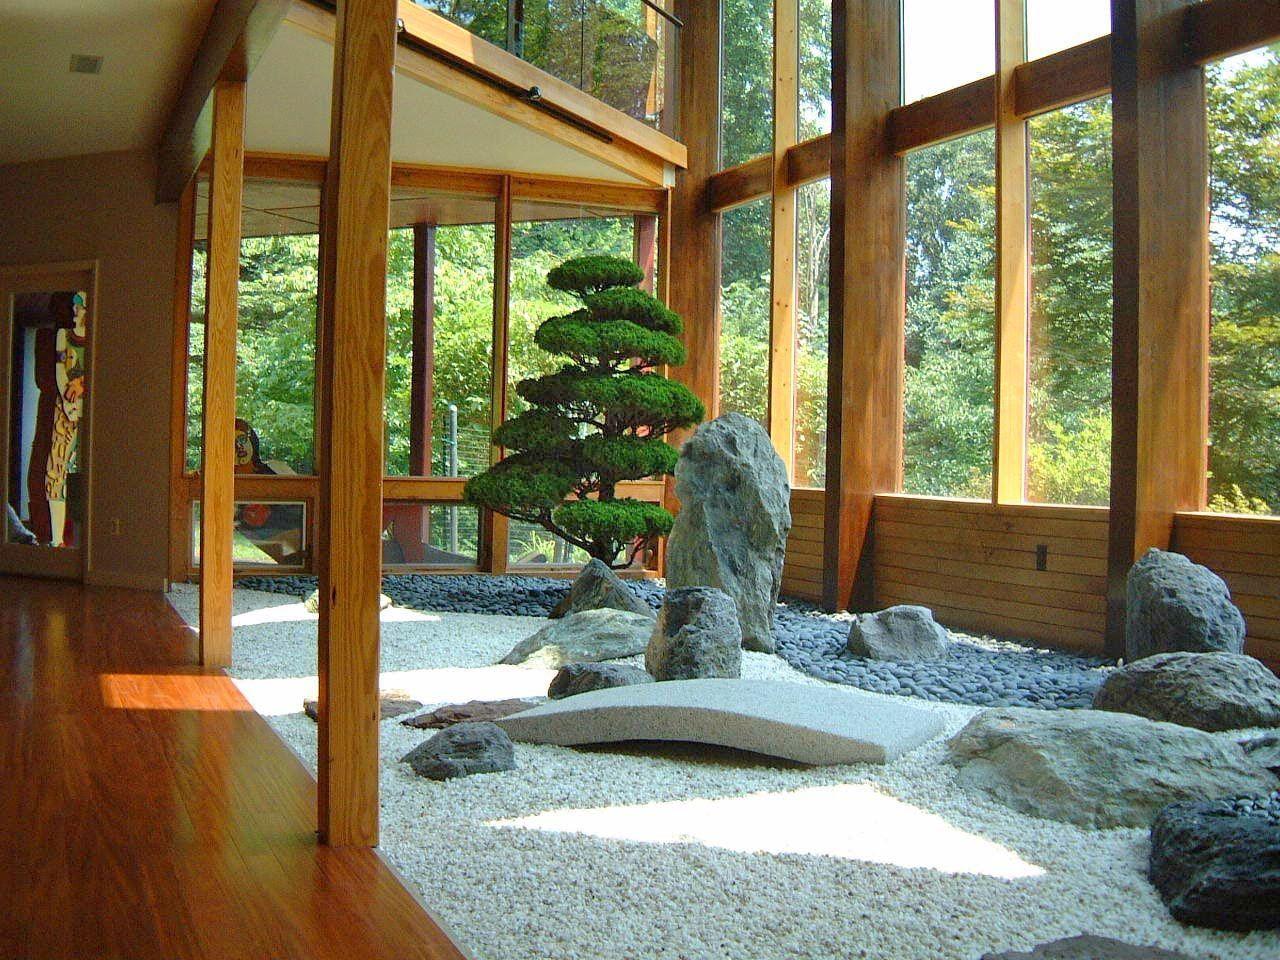 Pin Von Anchalida Tuk Auf Japanese Style Garden | Pinterest ... Garten Landschaft Gestaltung Wald